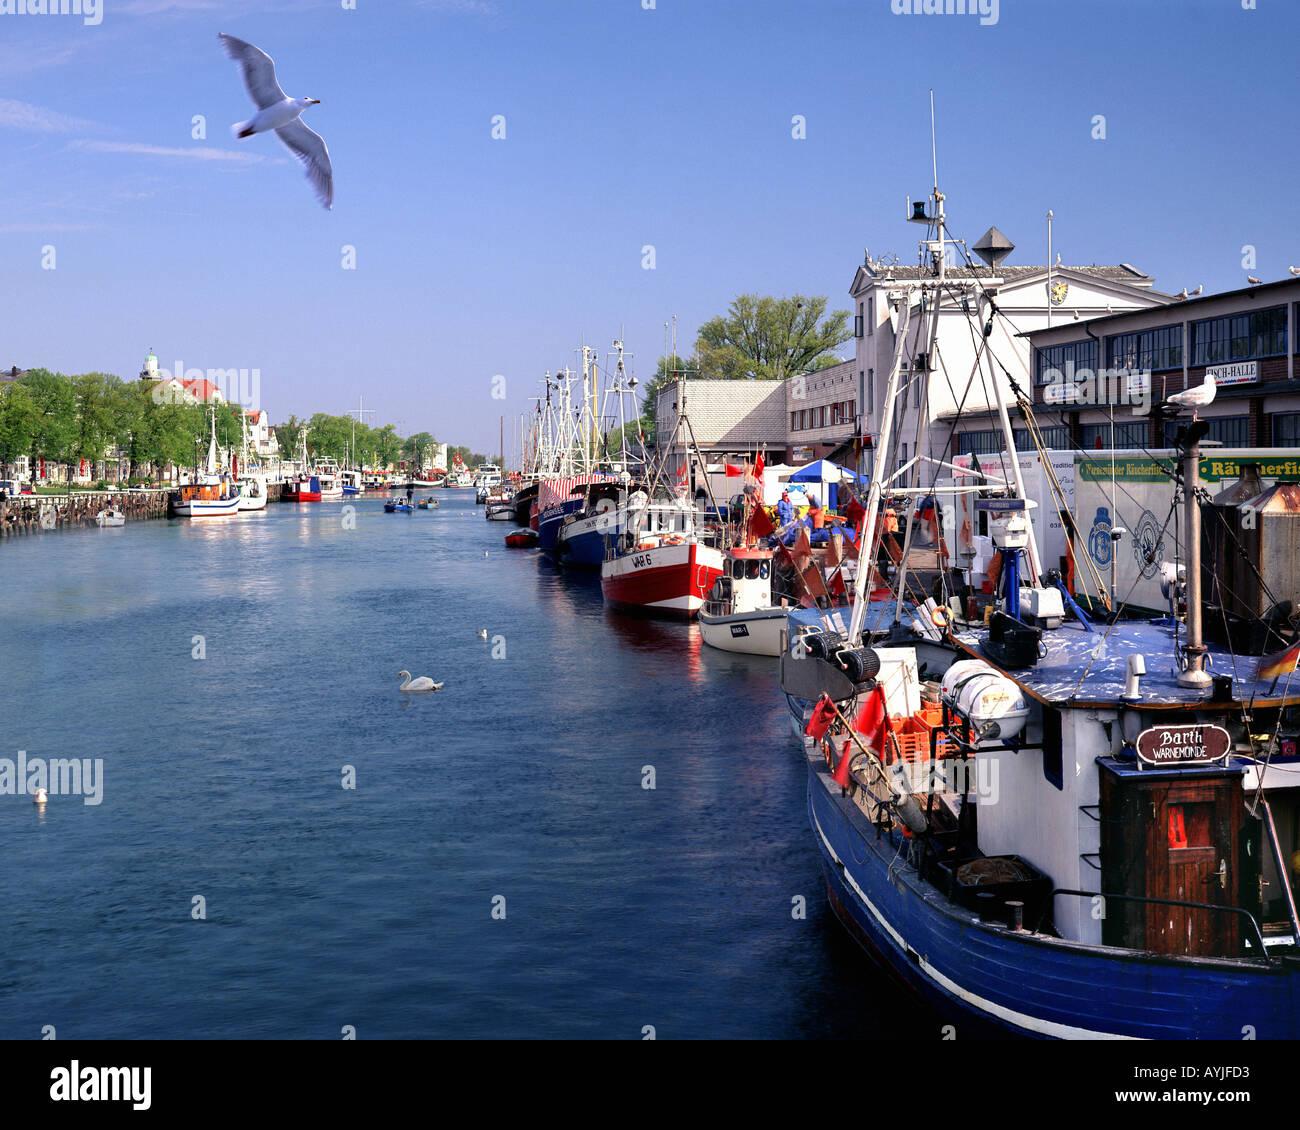 DE- MECKLENBURG VORPOMMERN: The Harbour at Warnemuende - Stock Image